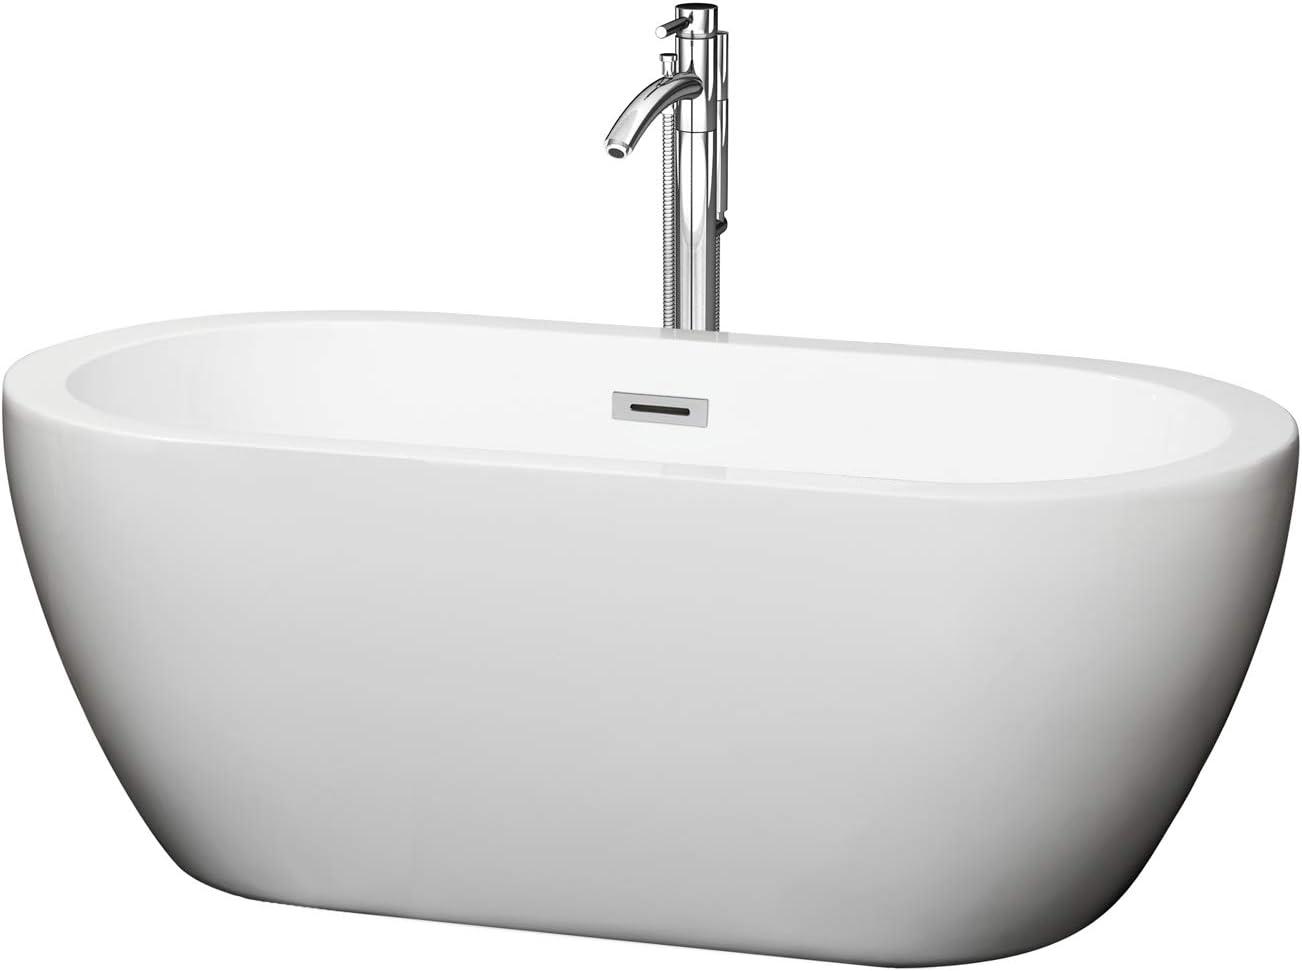 Wyndham Freestanding Bathtub